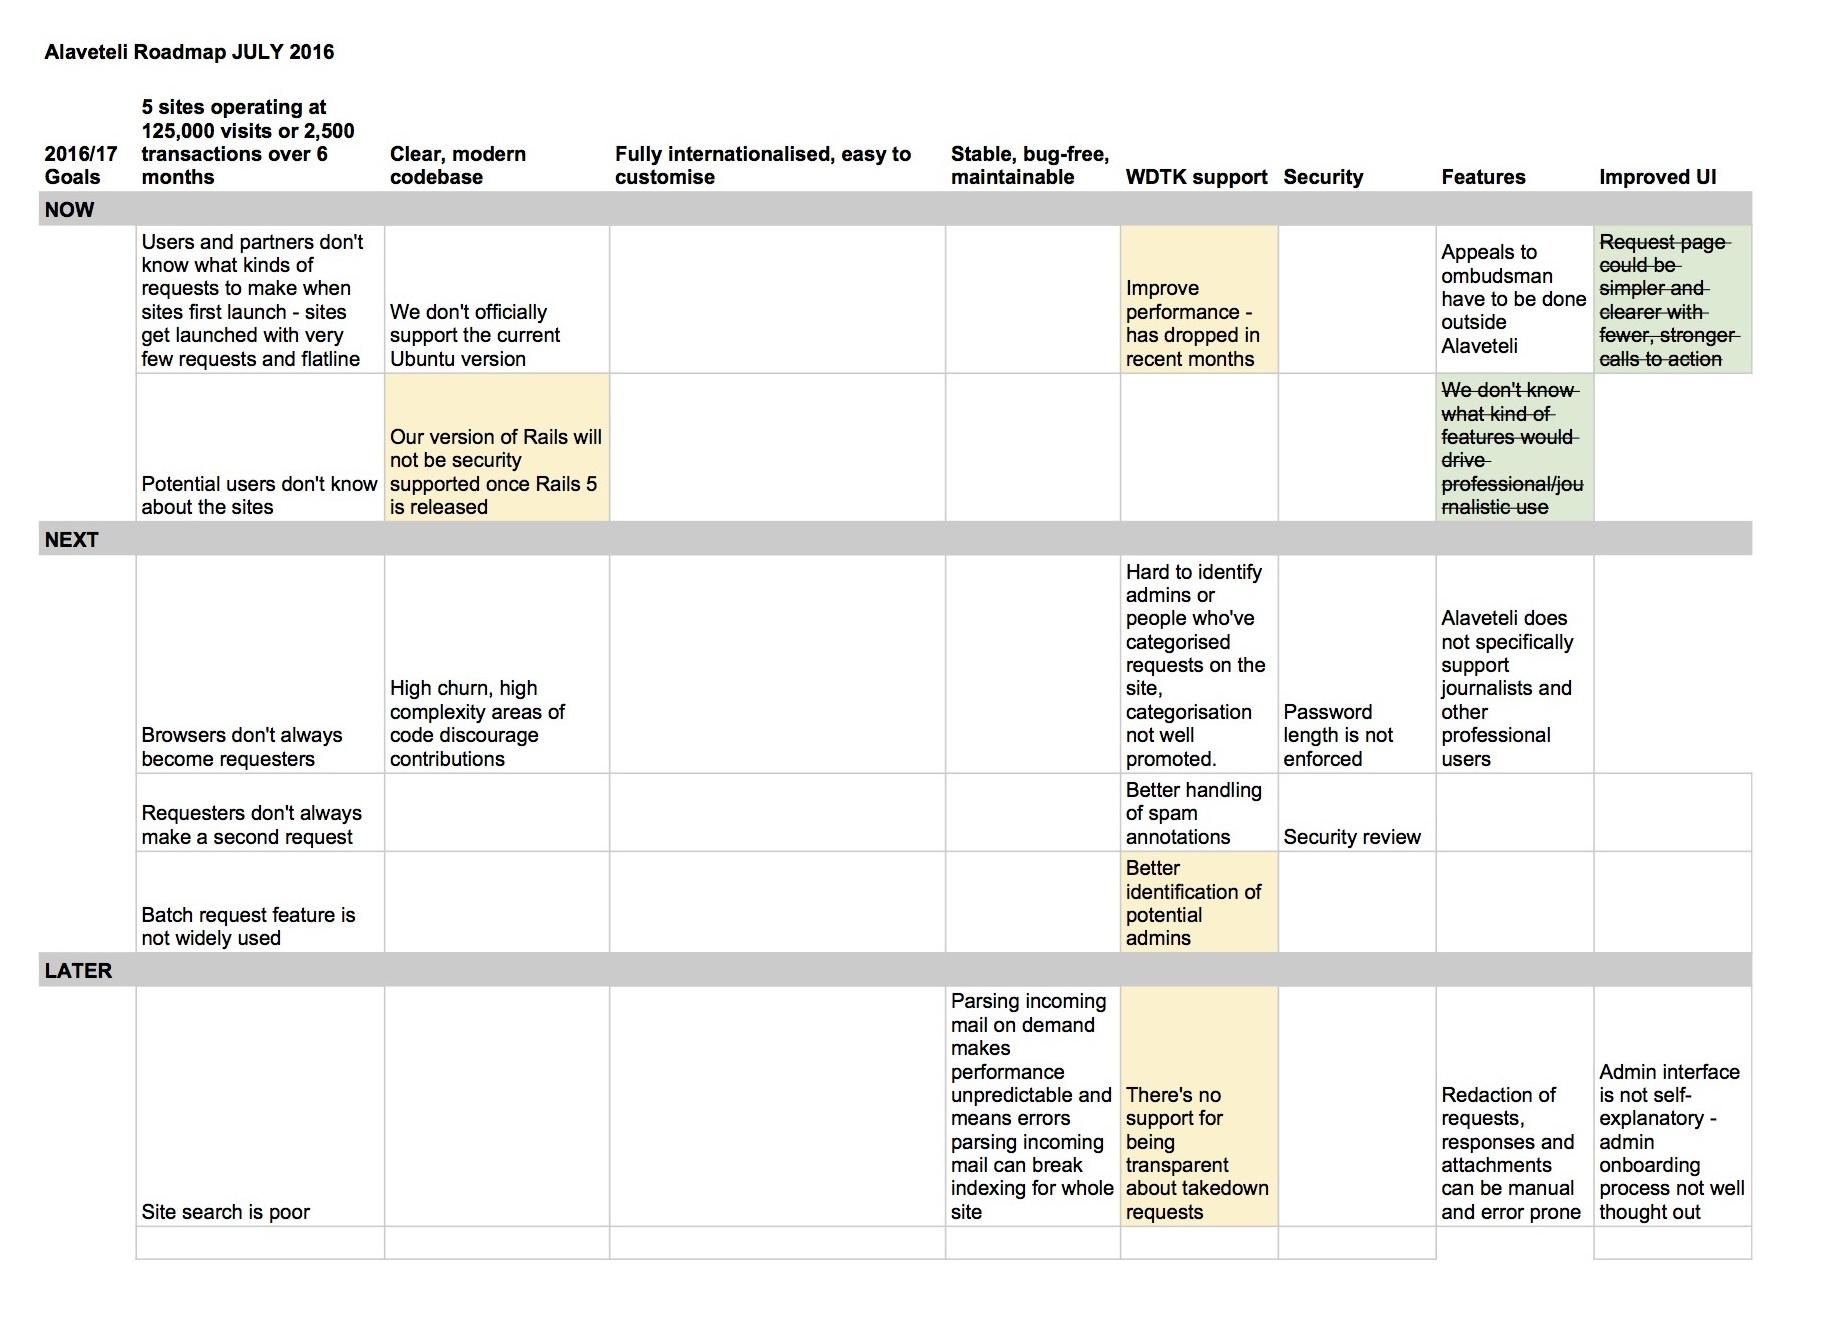 Alaveteli Roadmap 2017 Current